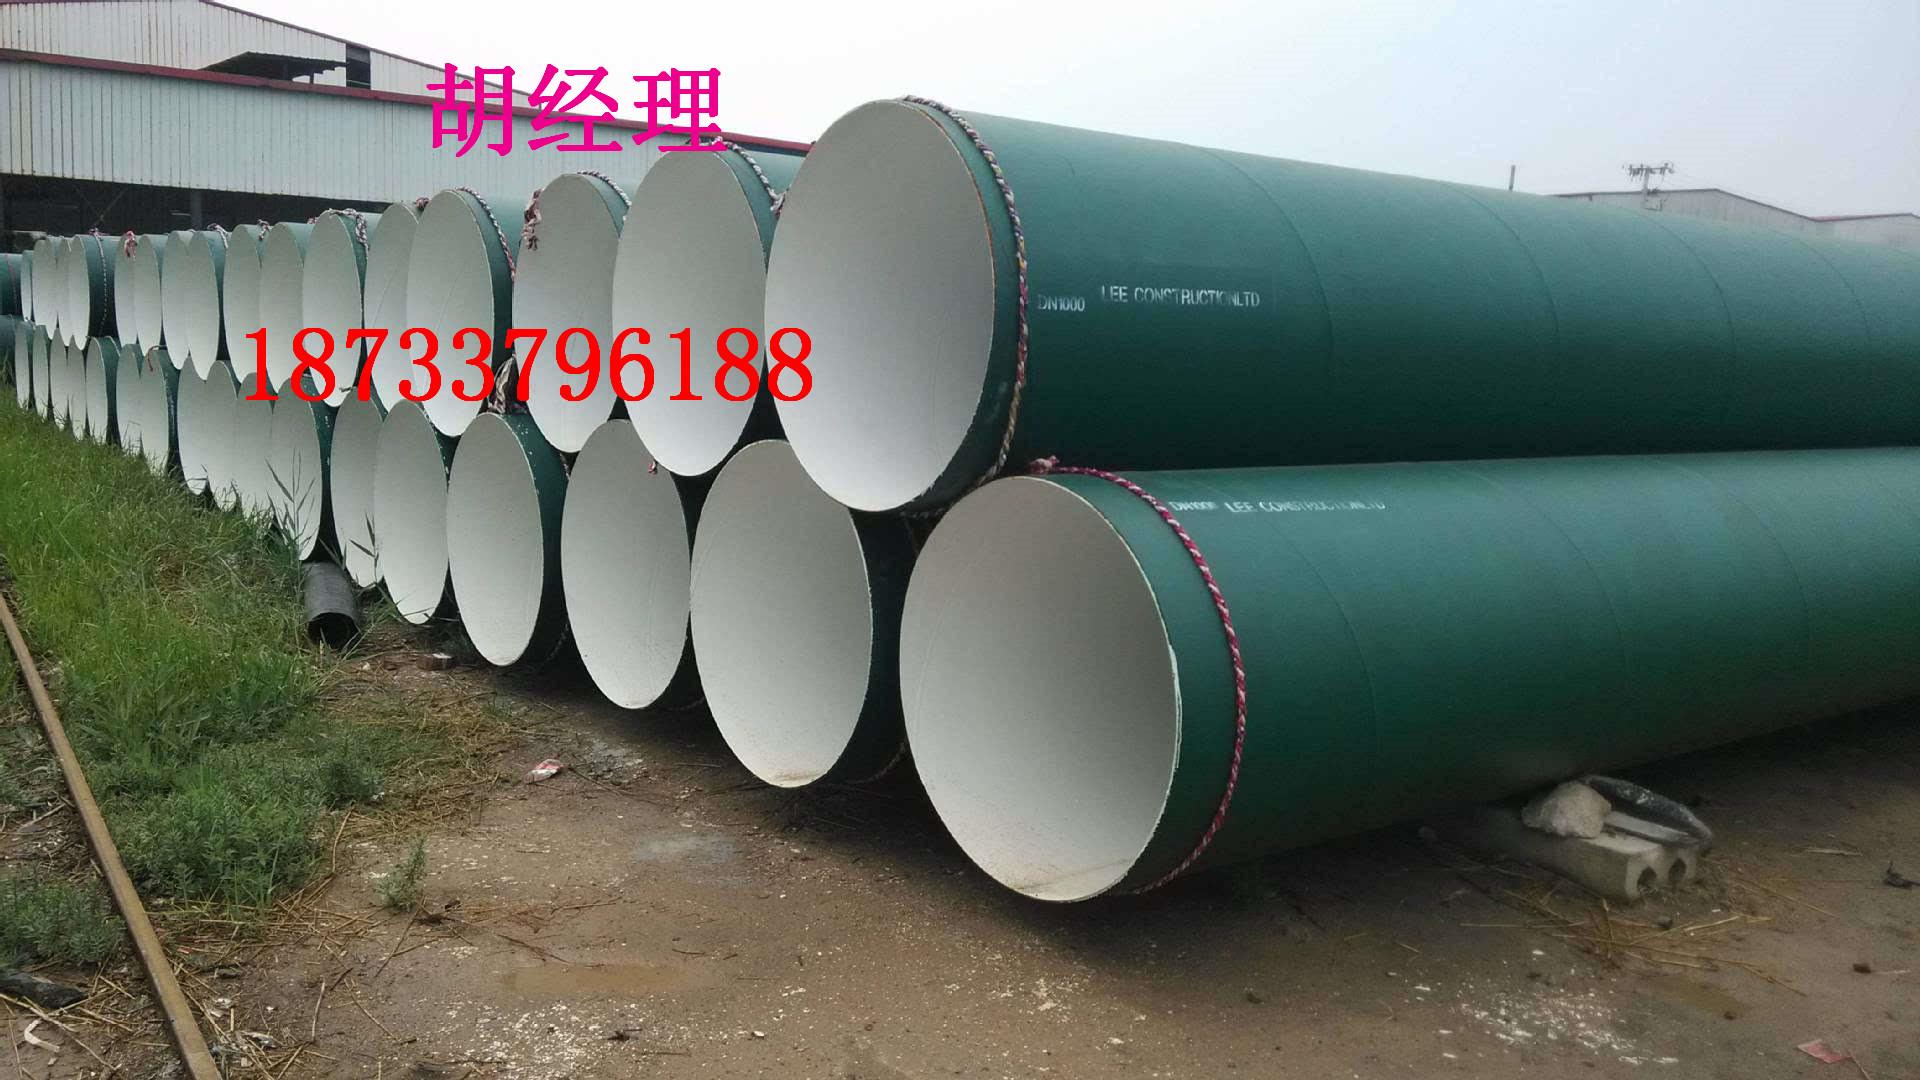 張掖 小口徑涂塑鋼管廠家產品的要求